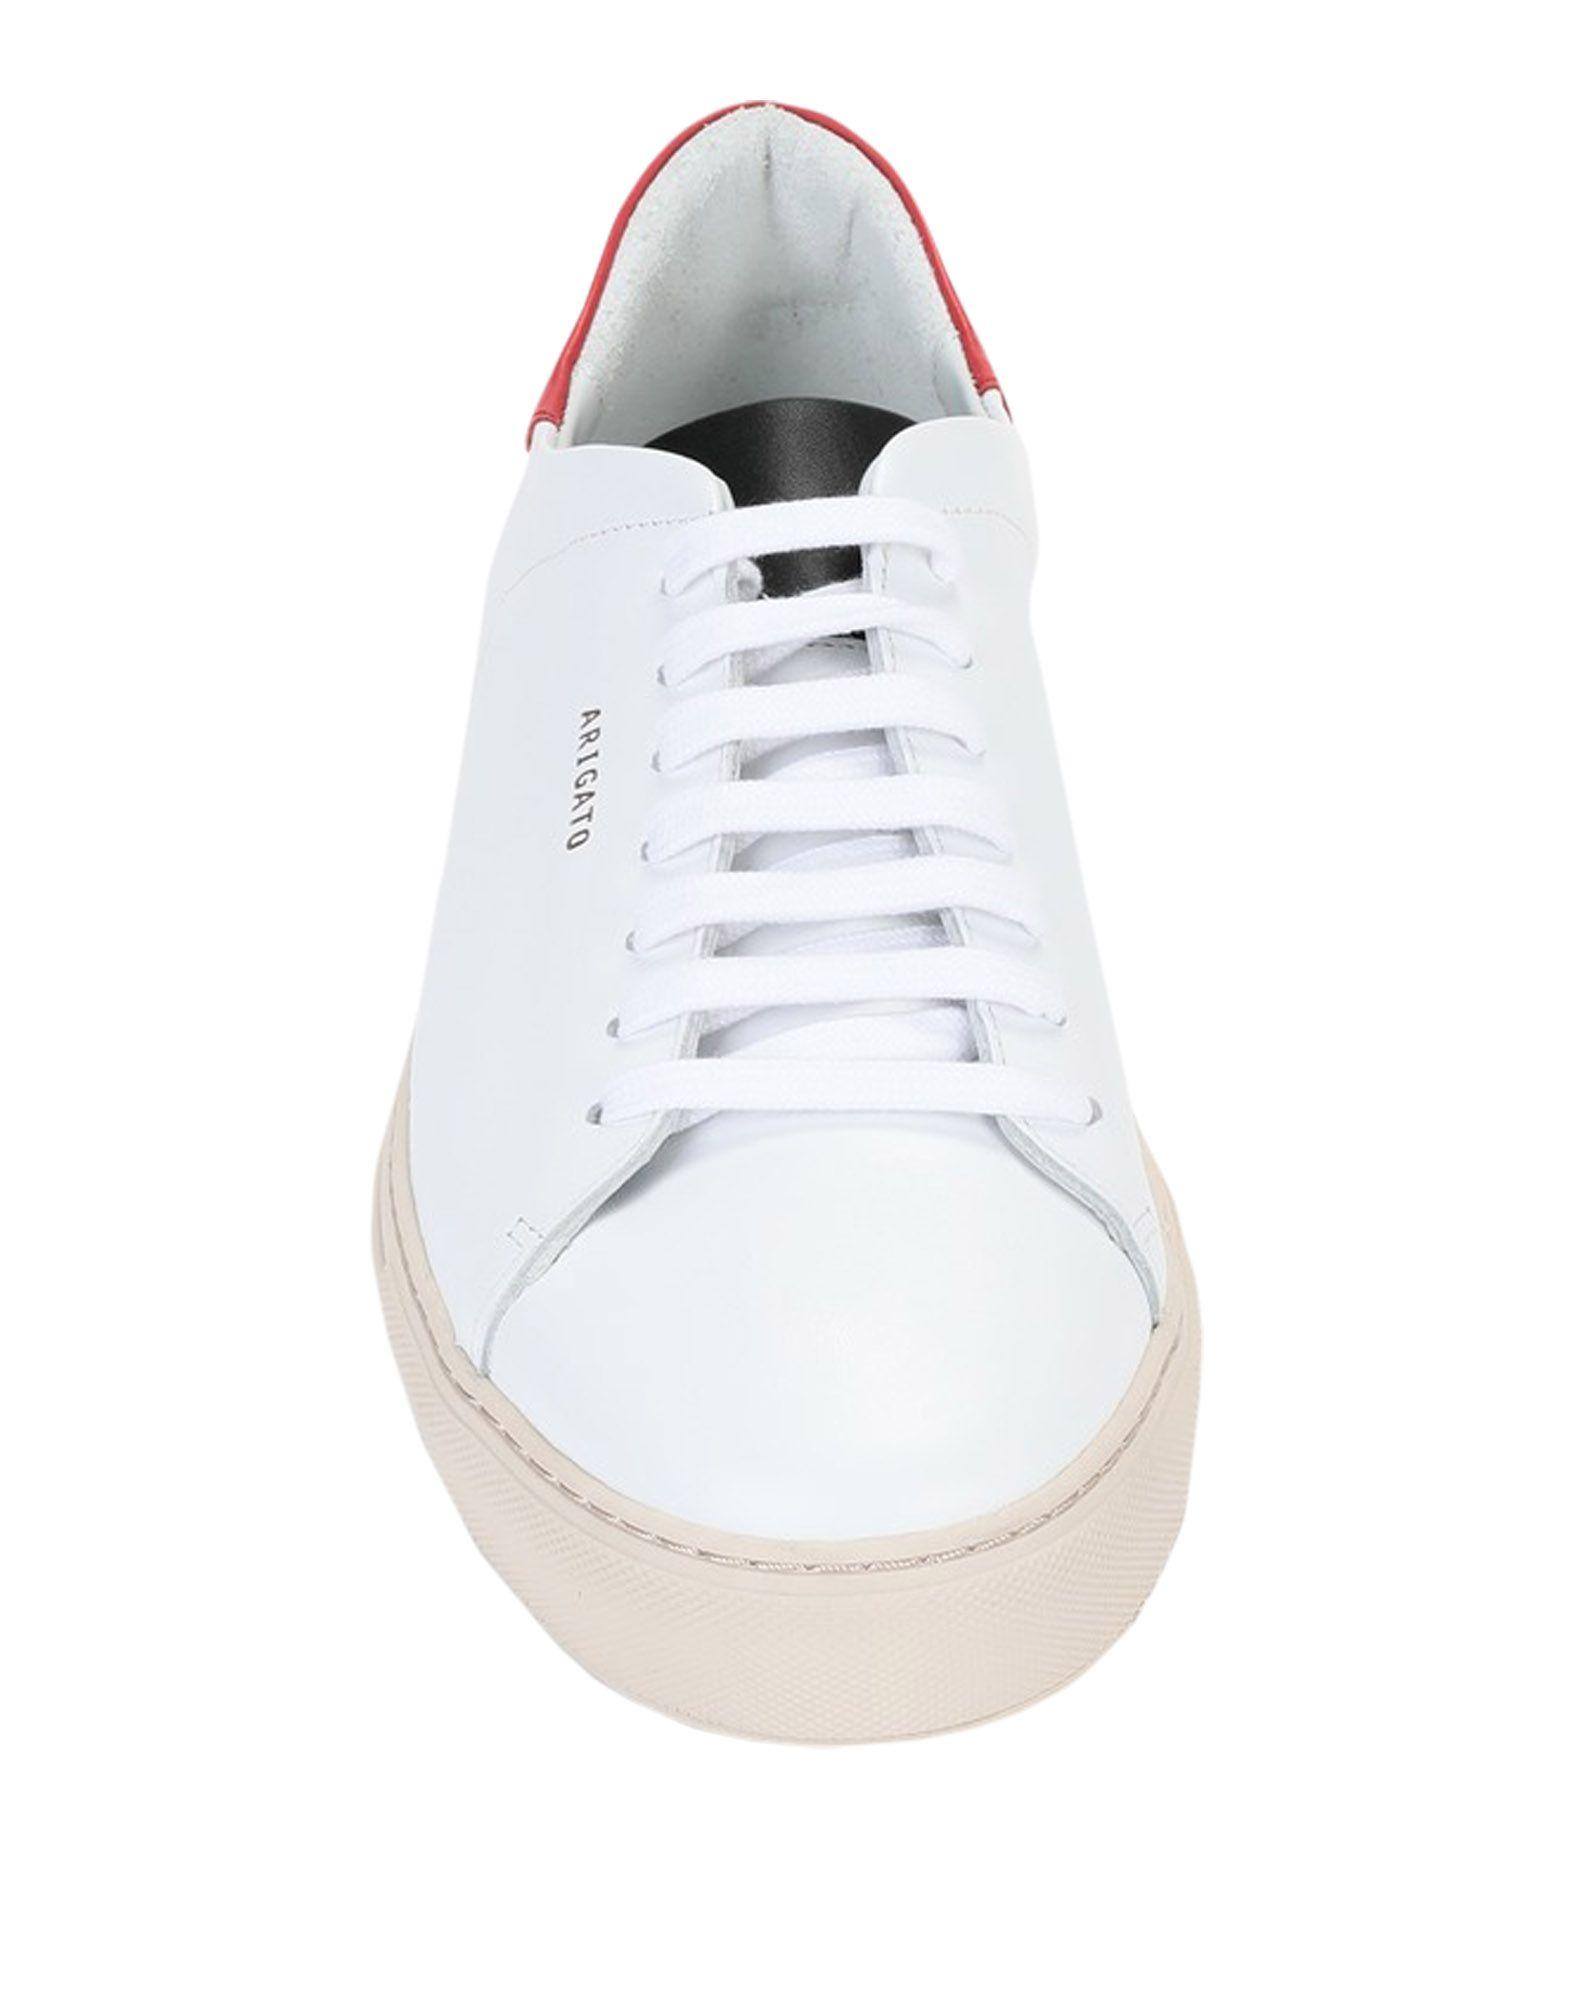 Axel Arigato Leder Low Sneakers & Tennisschuhe in Weiß für Herren ajs83